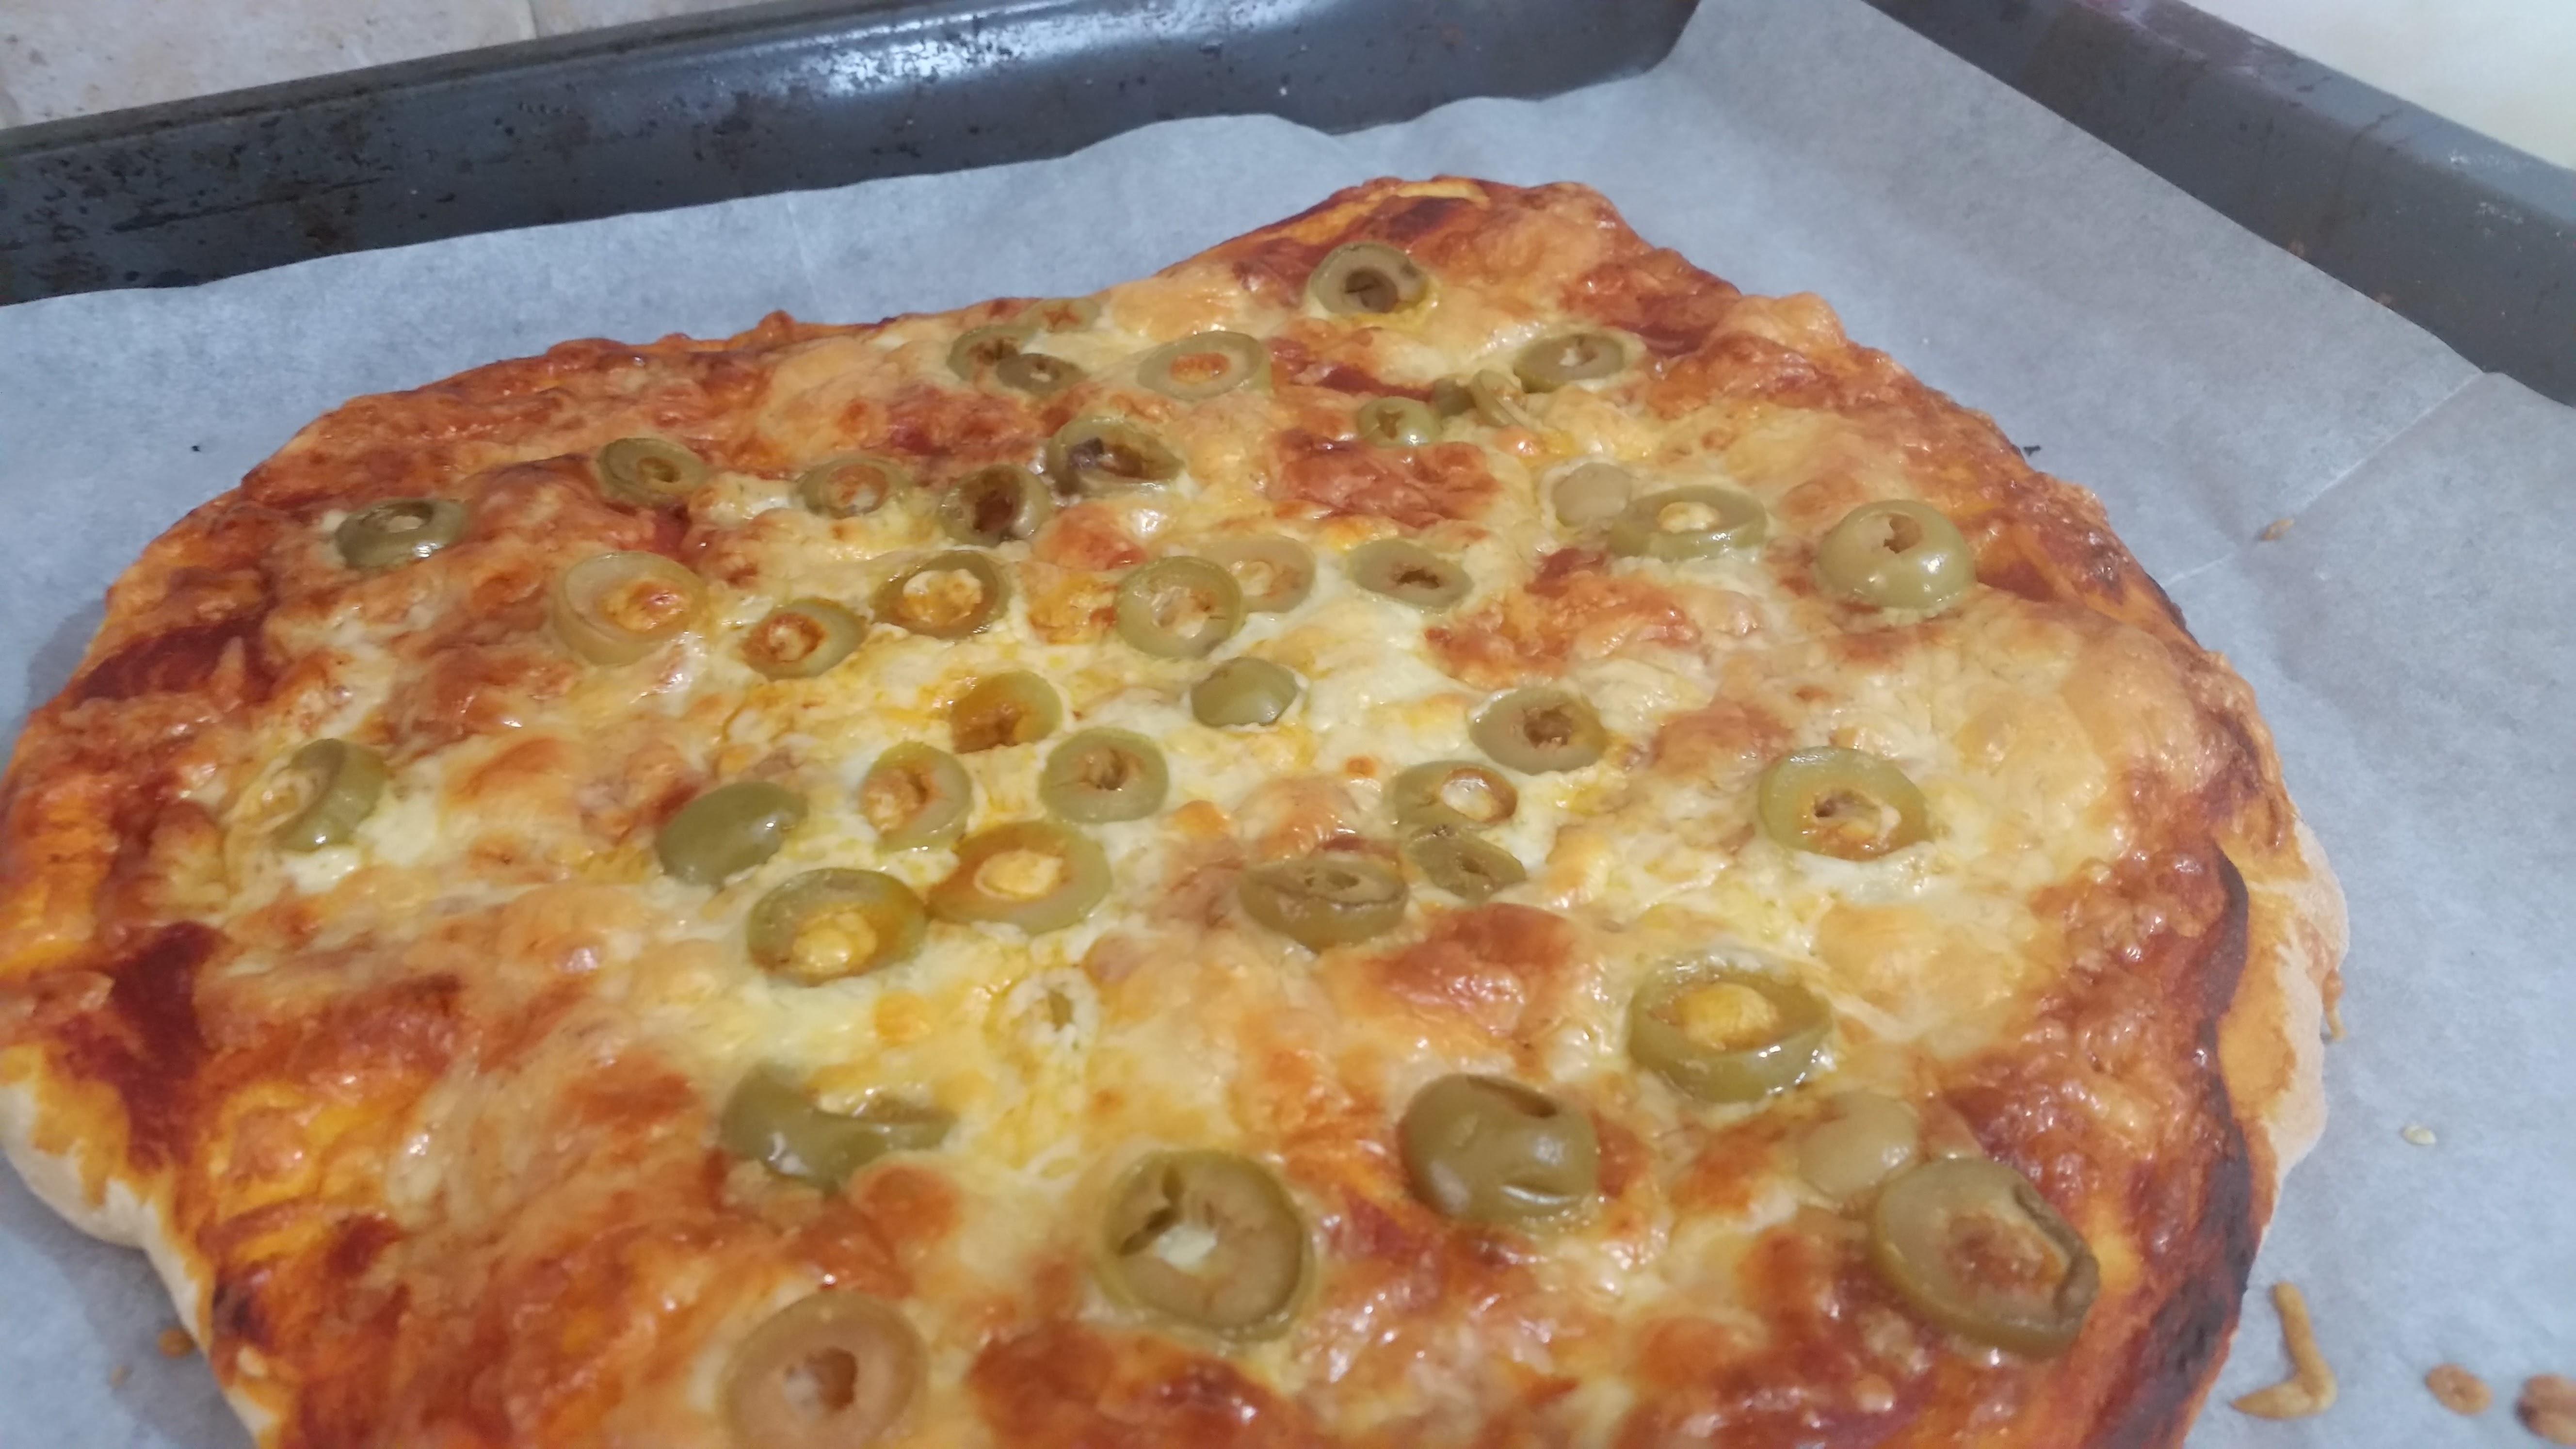 פיצה איטלקית מאיטליה – טעימה ומוצלחת לכל המשפחה